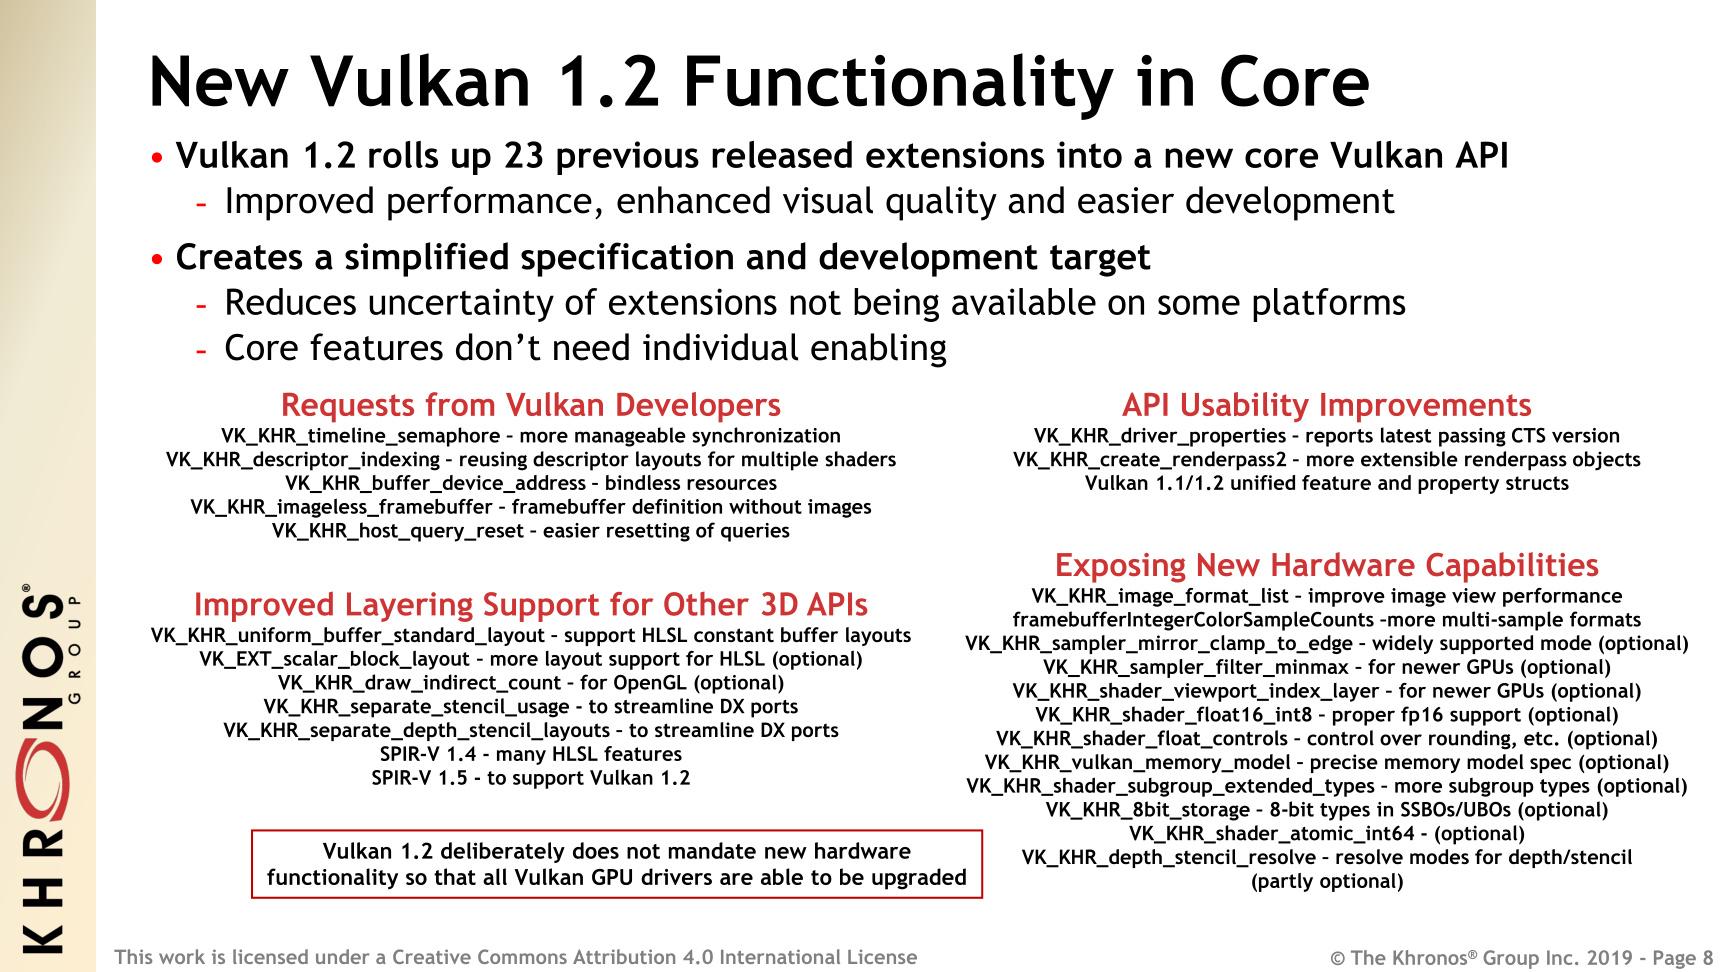 Dank neuer Funktionen und breitem Hardware-Support möchte Vulkan 1.2 viele Plattformen bedienen